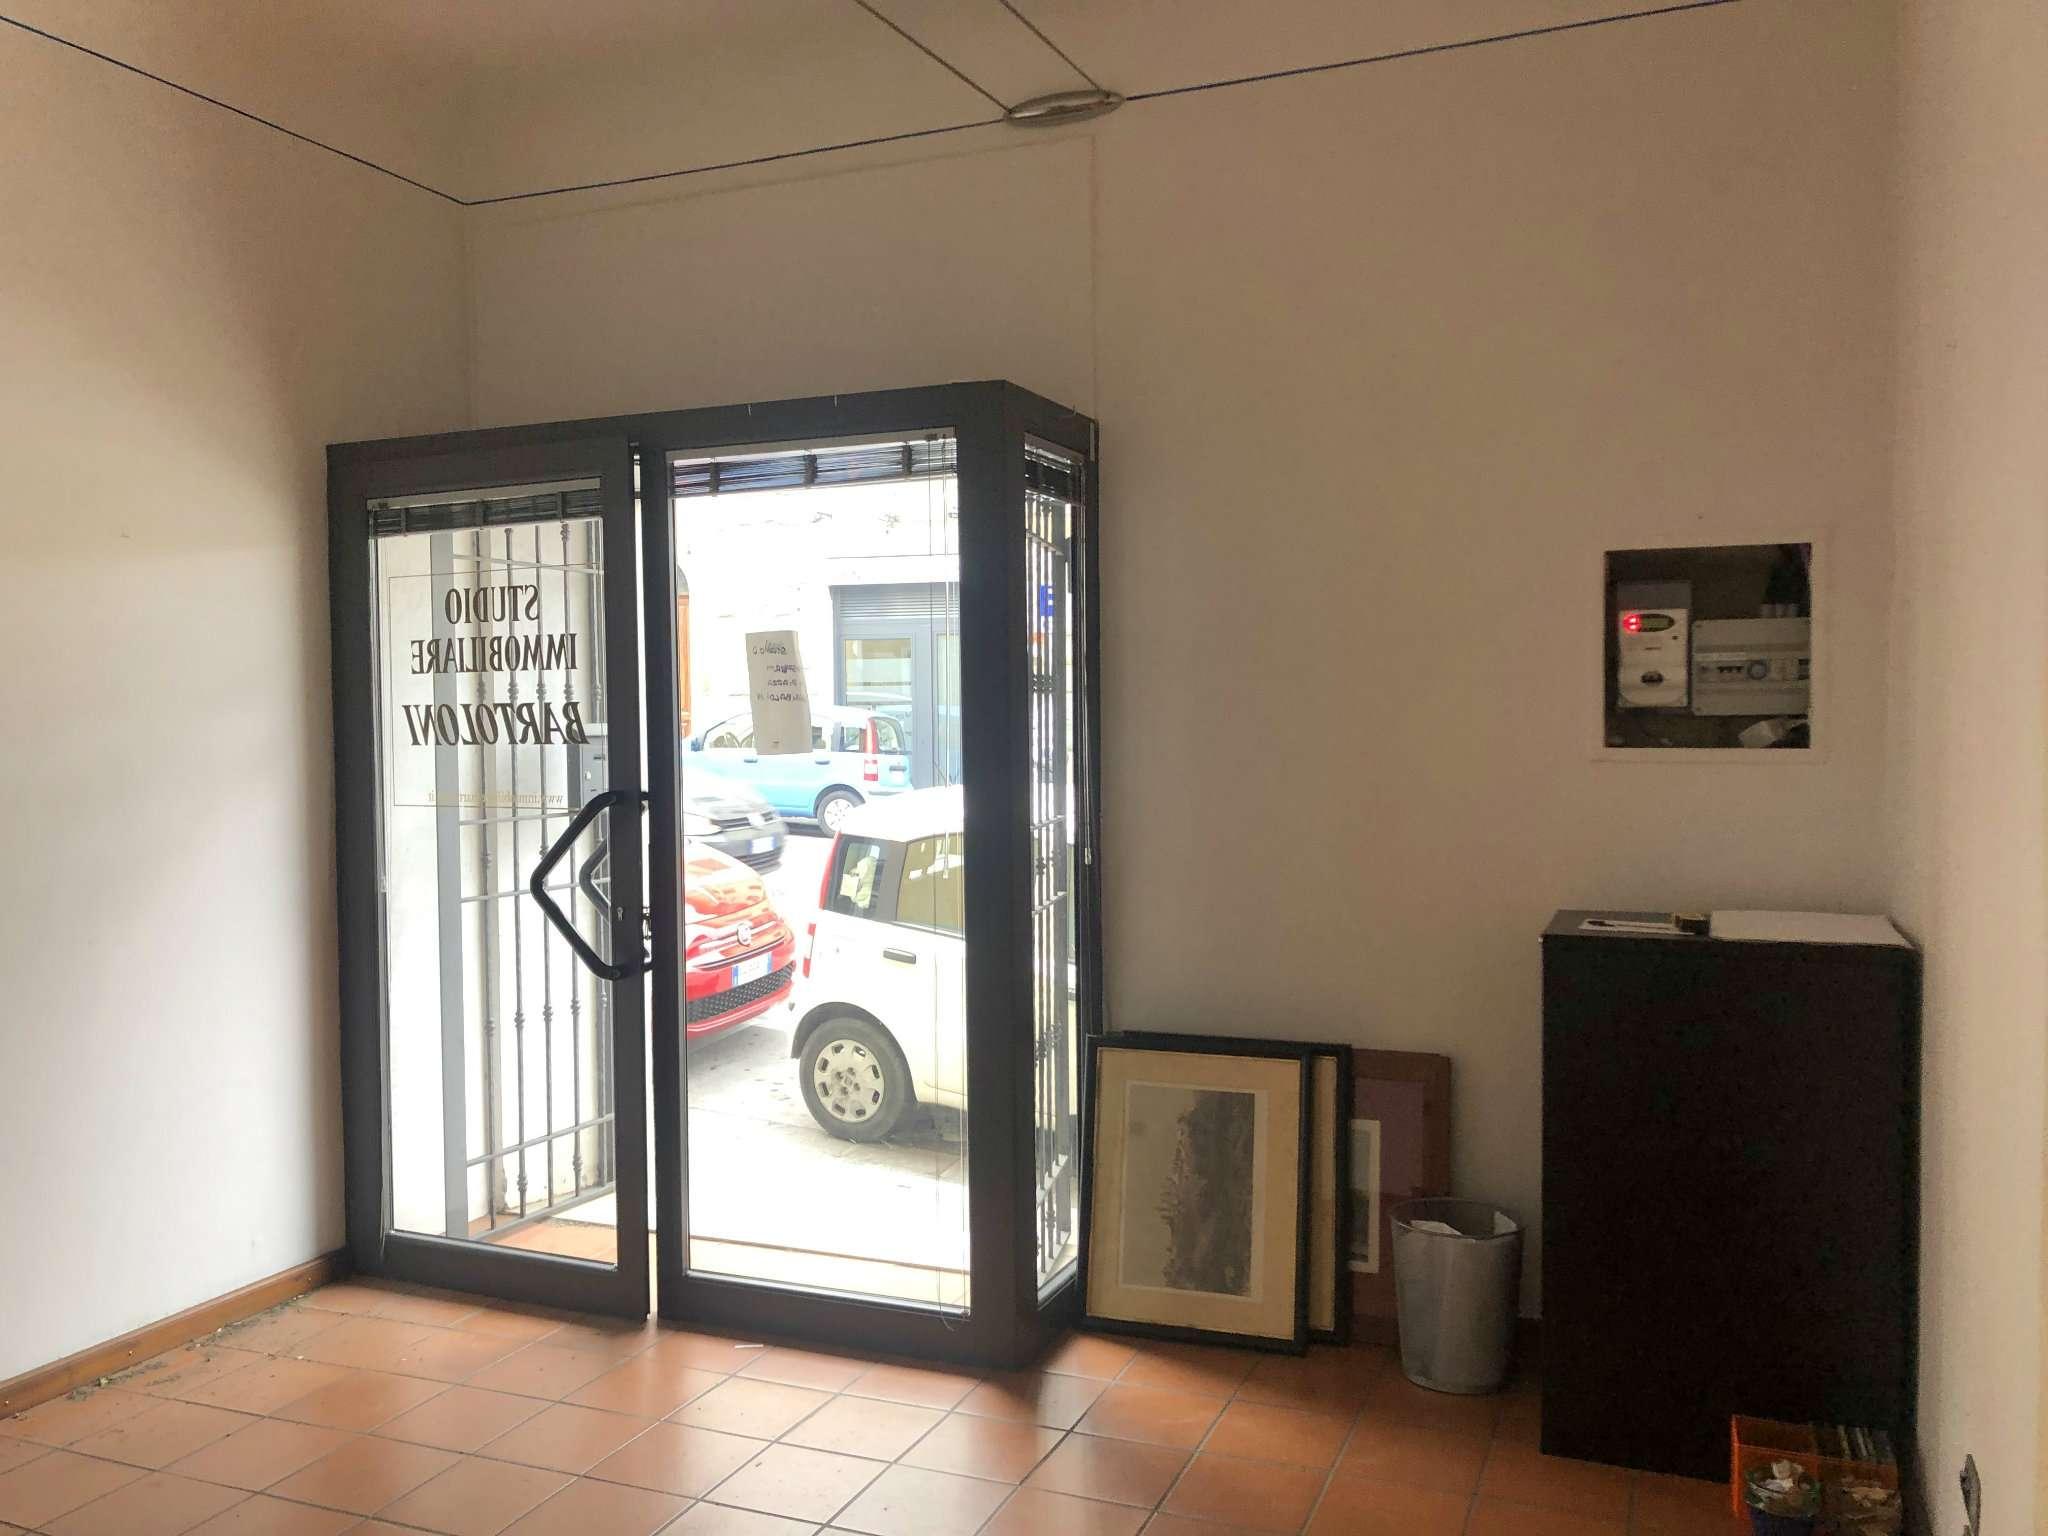 Negozio-locale in Affitto a Fiesole Centro: 1 locali, 20 mq